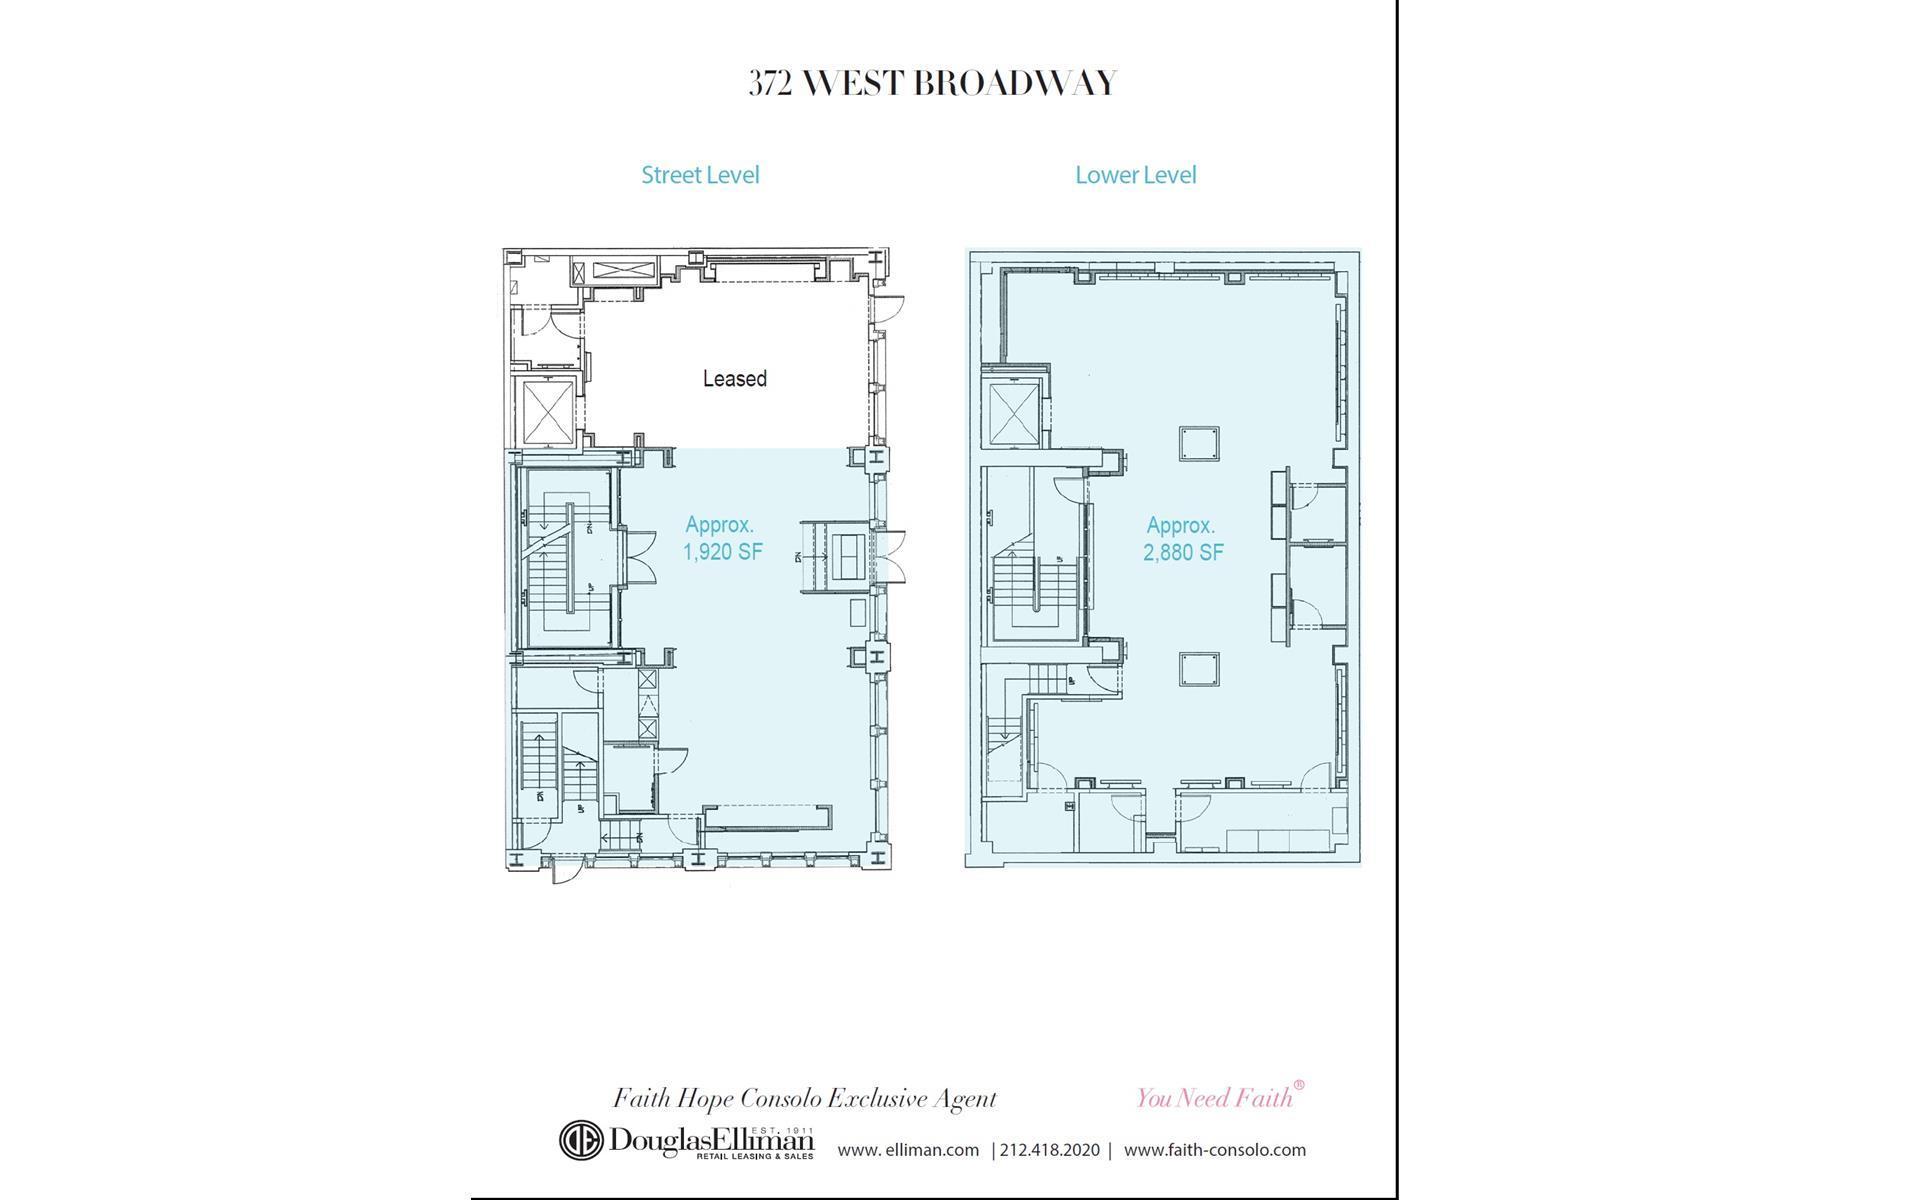 Floor plan of 372 West Broadway, RETAIL - SoHo - Nolita, New York